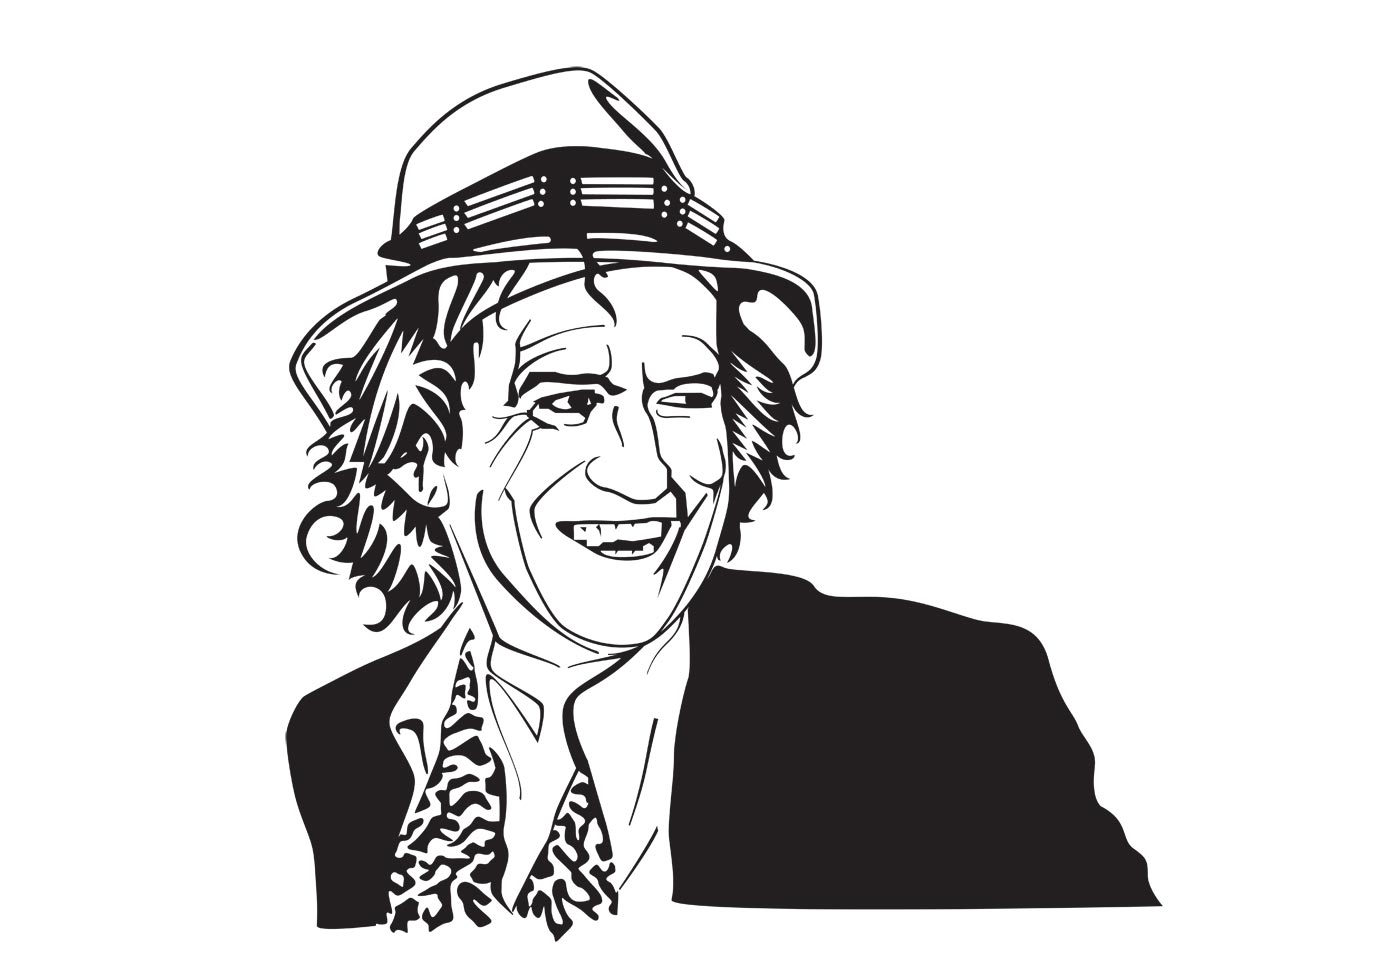 Keith Richards Vector Portrait Download Free Vector Art